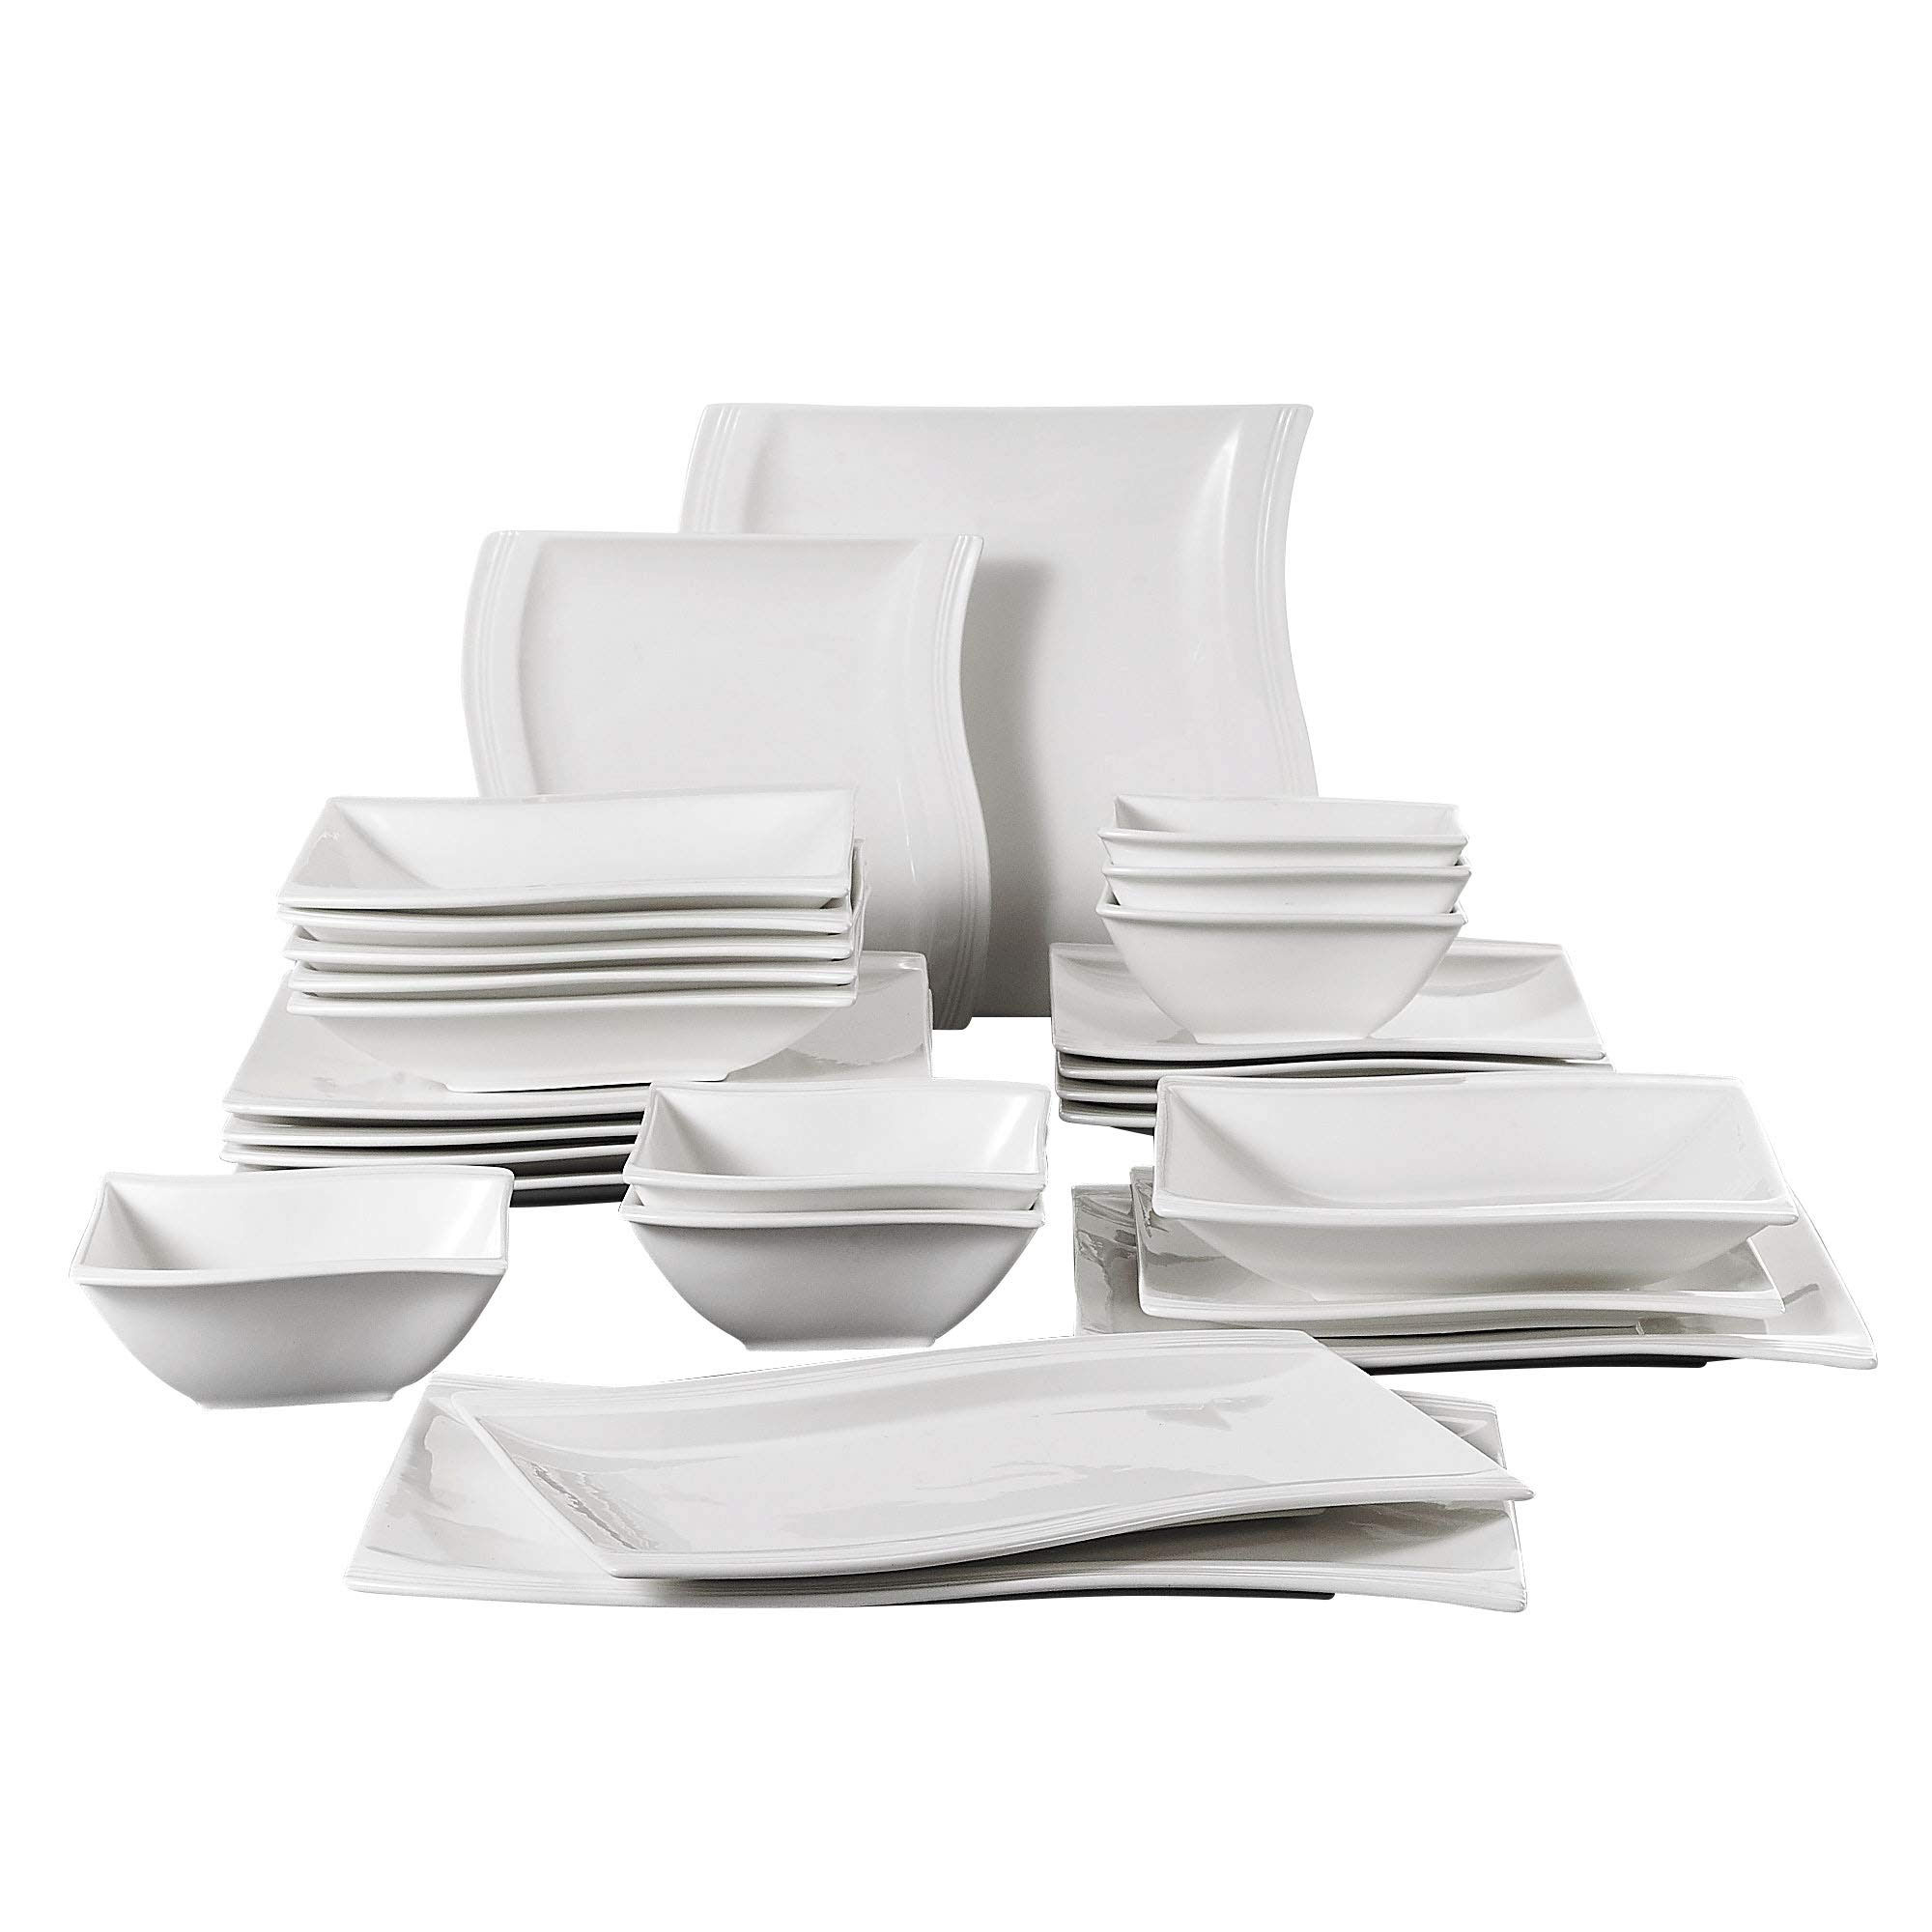 Diner Set